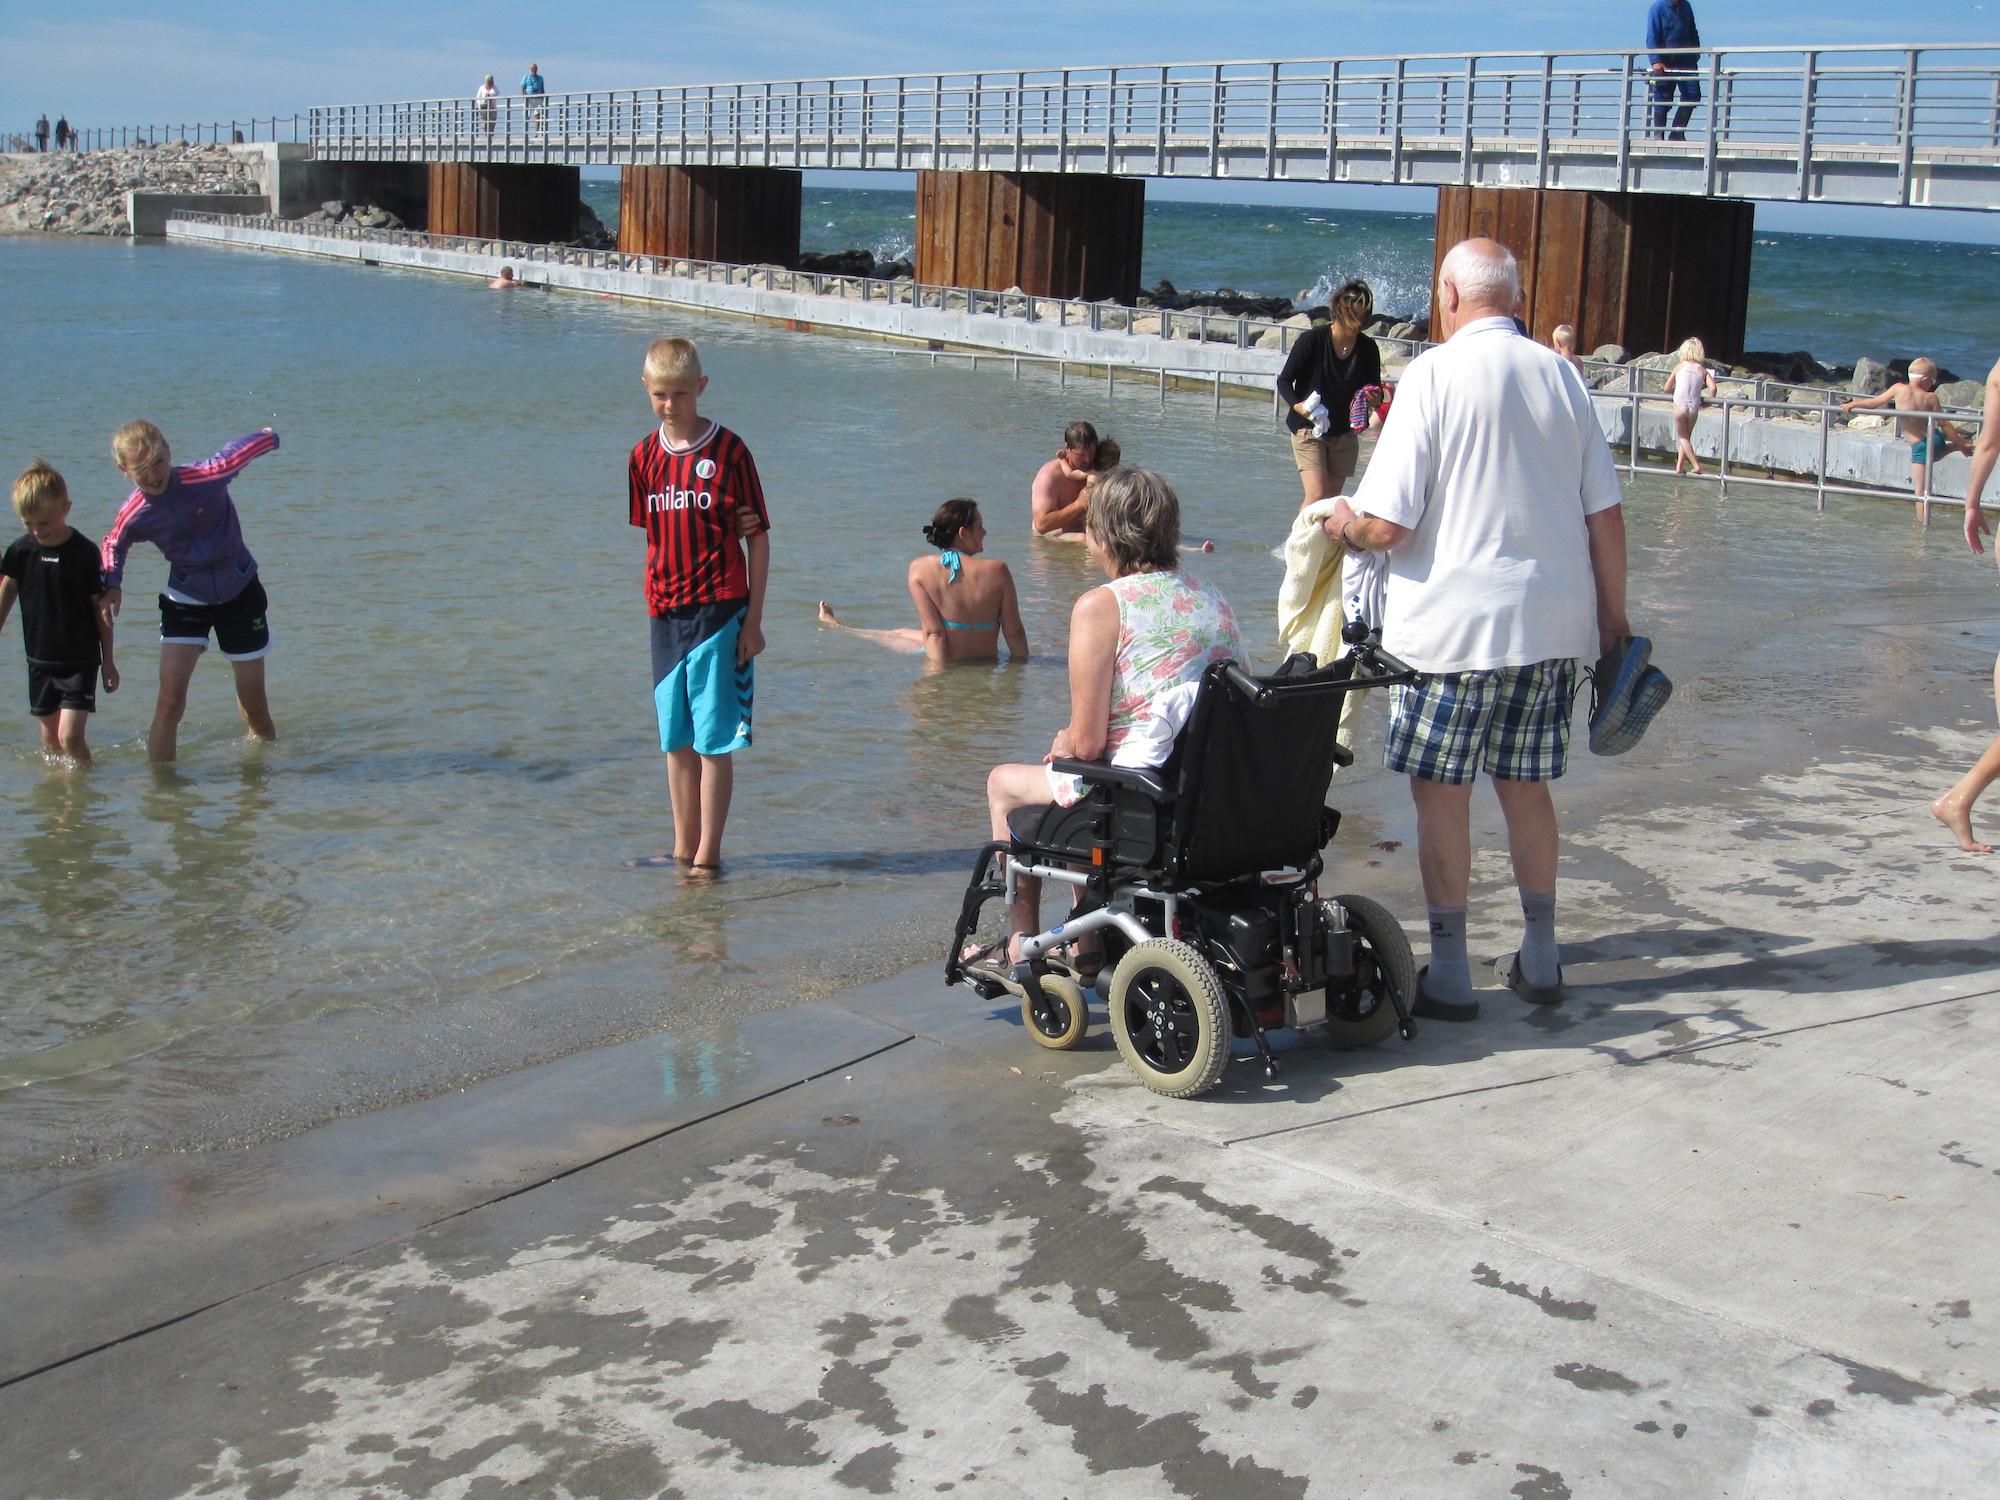 Havnebad med folk der sopper og bader. Dame sidder i kørestol ved vandkanten. Mand står ved siden af med håndklæde og sko i hånden. Mole i baggrund.